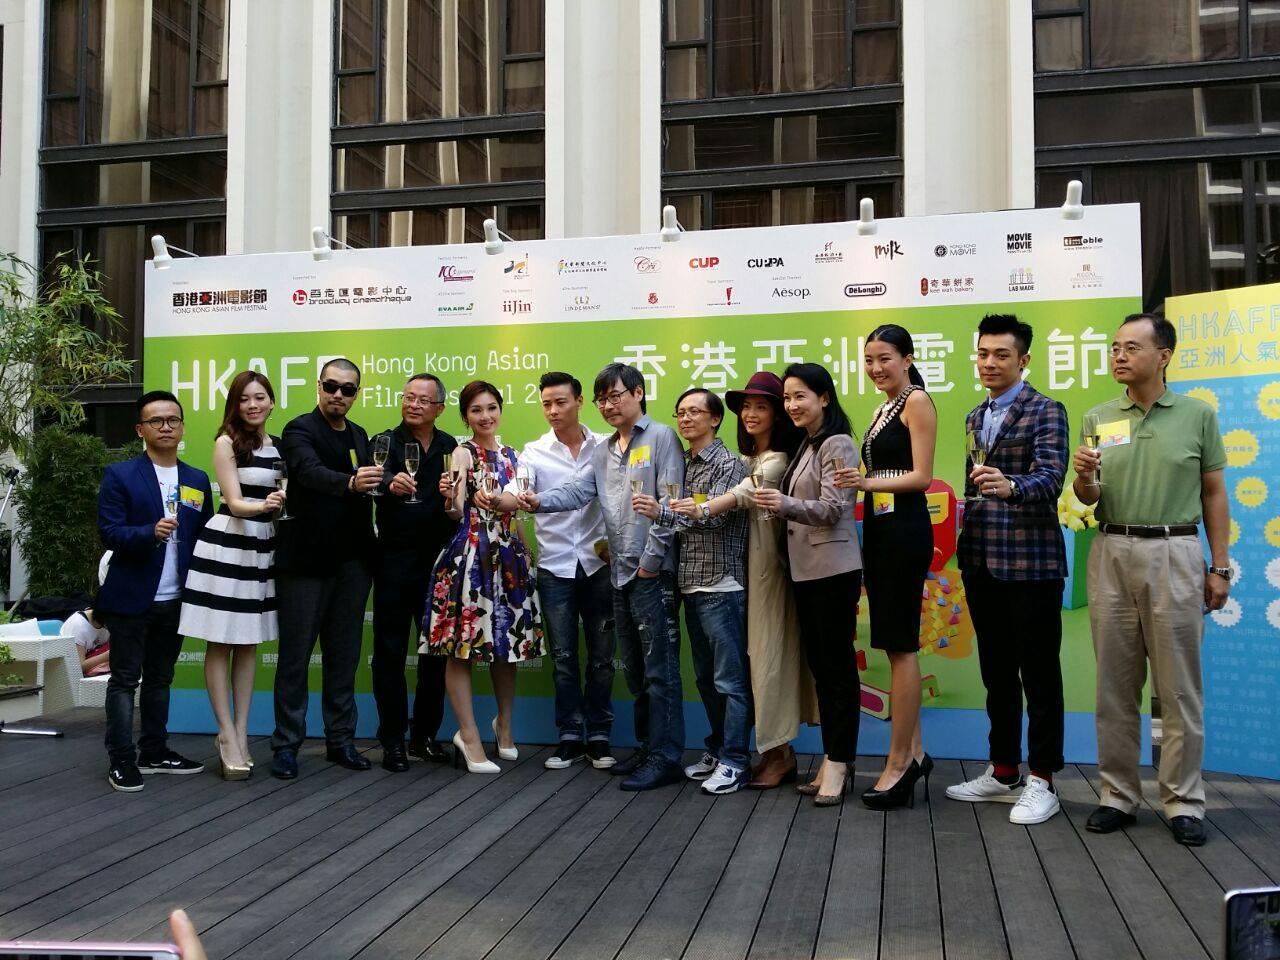 「2014香港亞洲電影節」記者會